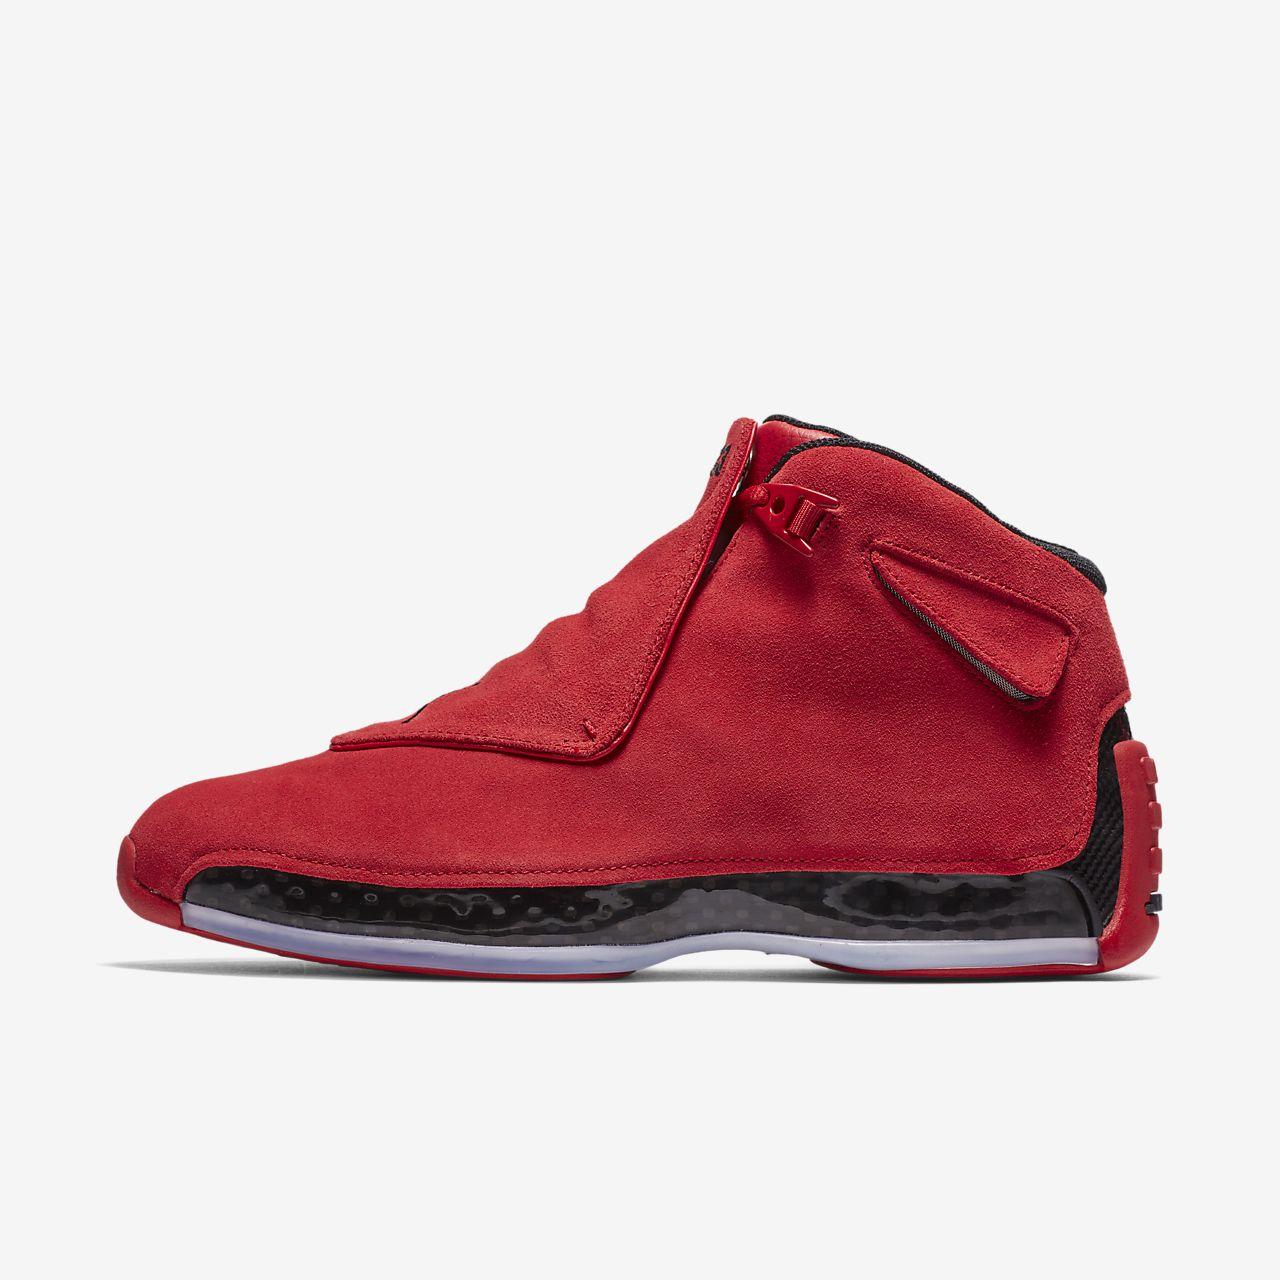 Air Jordan 18 Retro Men's Shoe